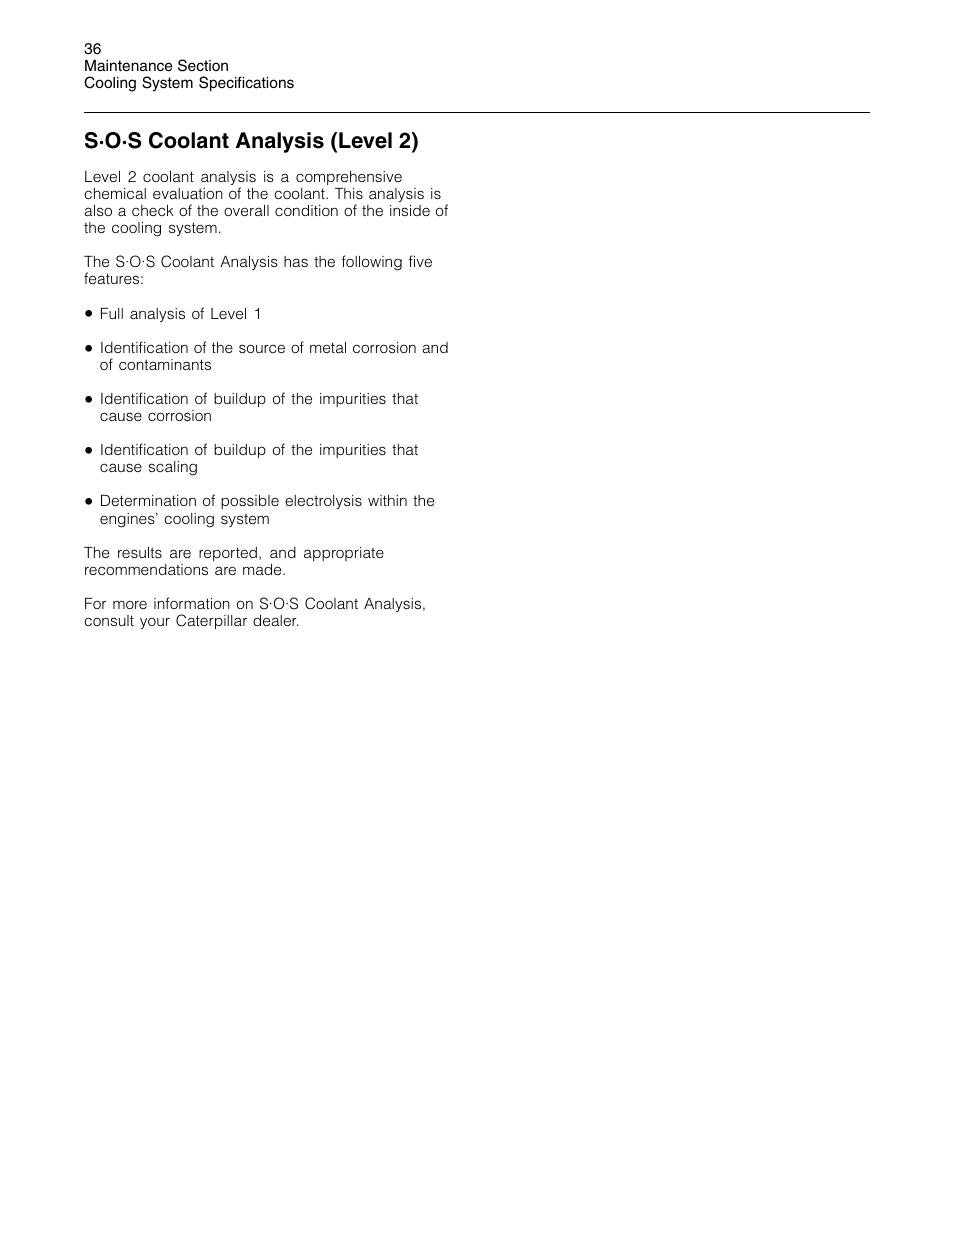 S·o·s coolant analysis (level 2) | 3Com Caterpillar